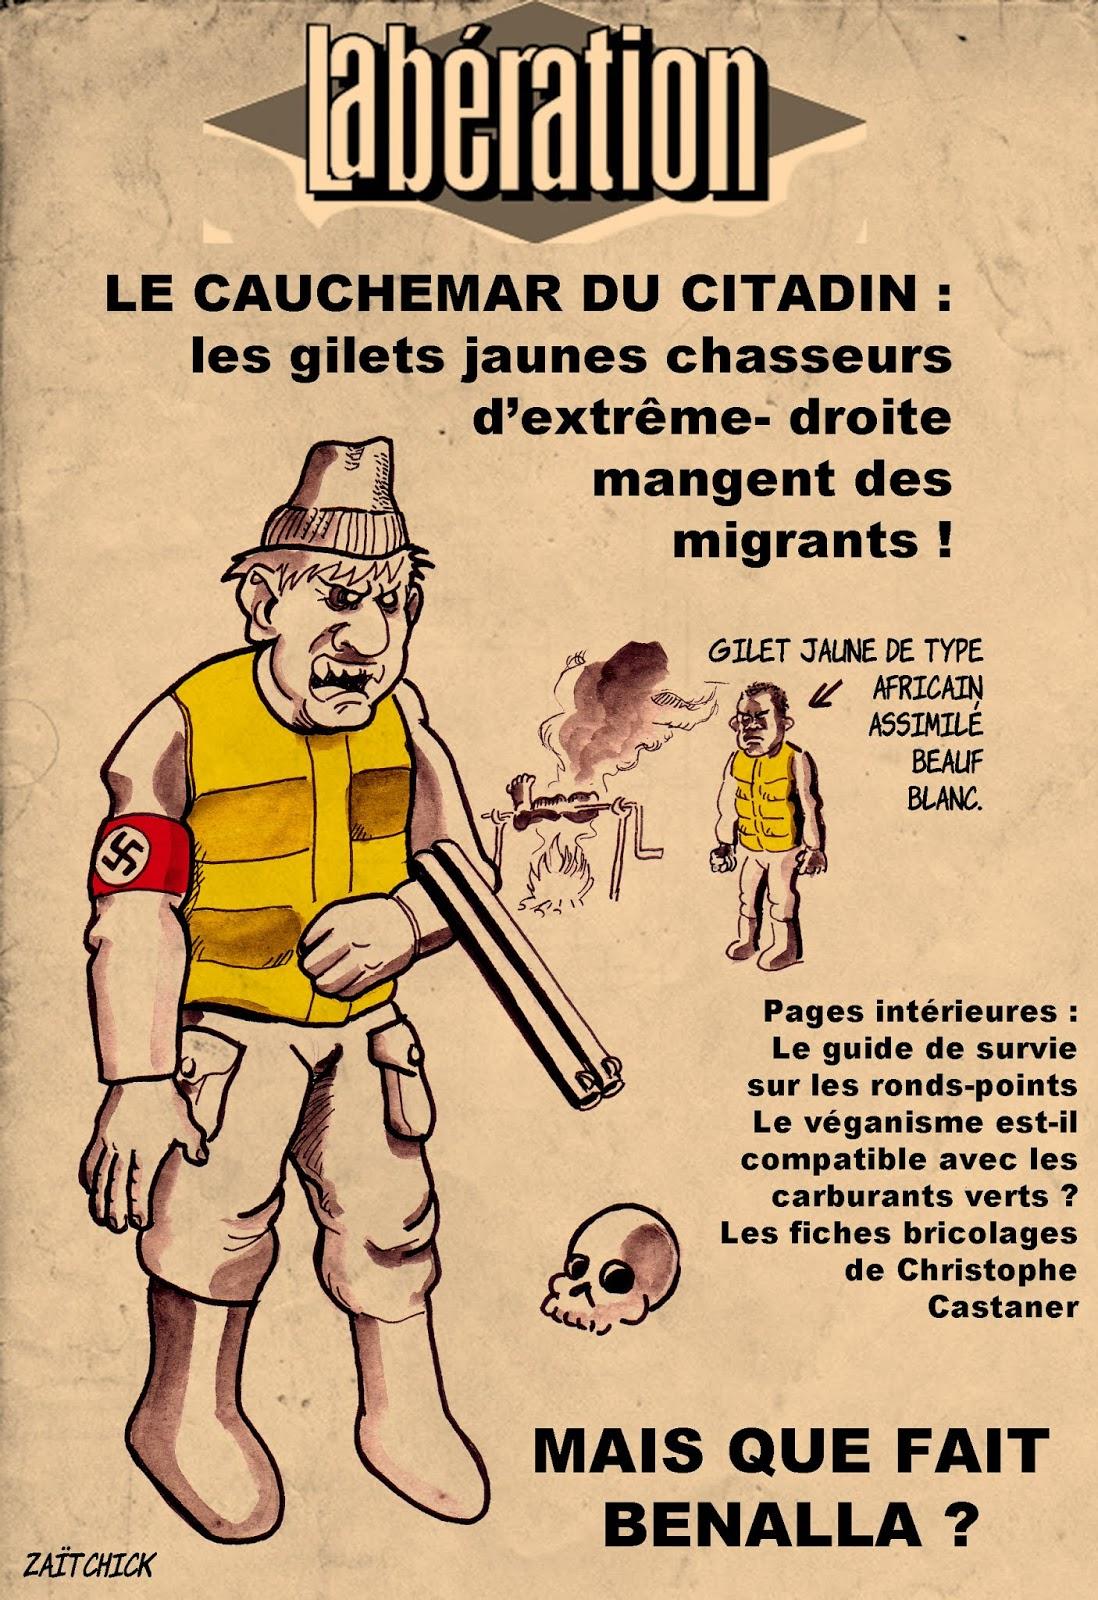 dessin d'actualité humoristique sur le traitement journalistique du mouvement des gilets jaunes